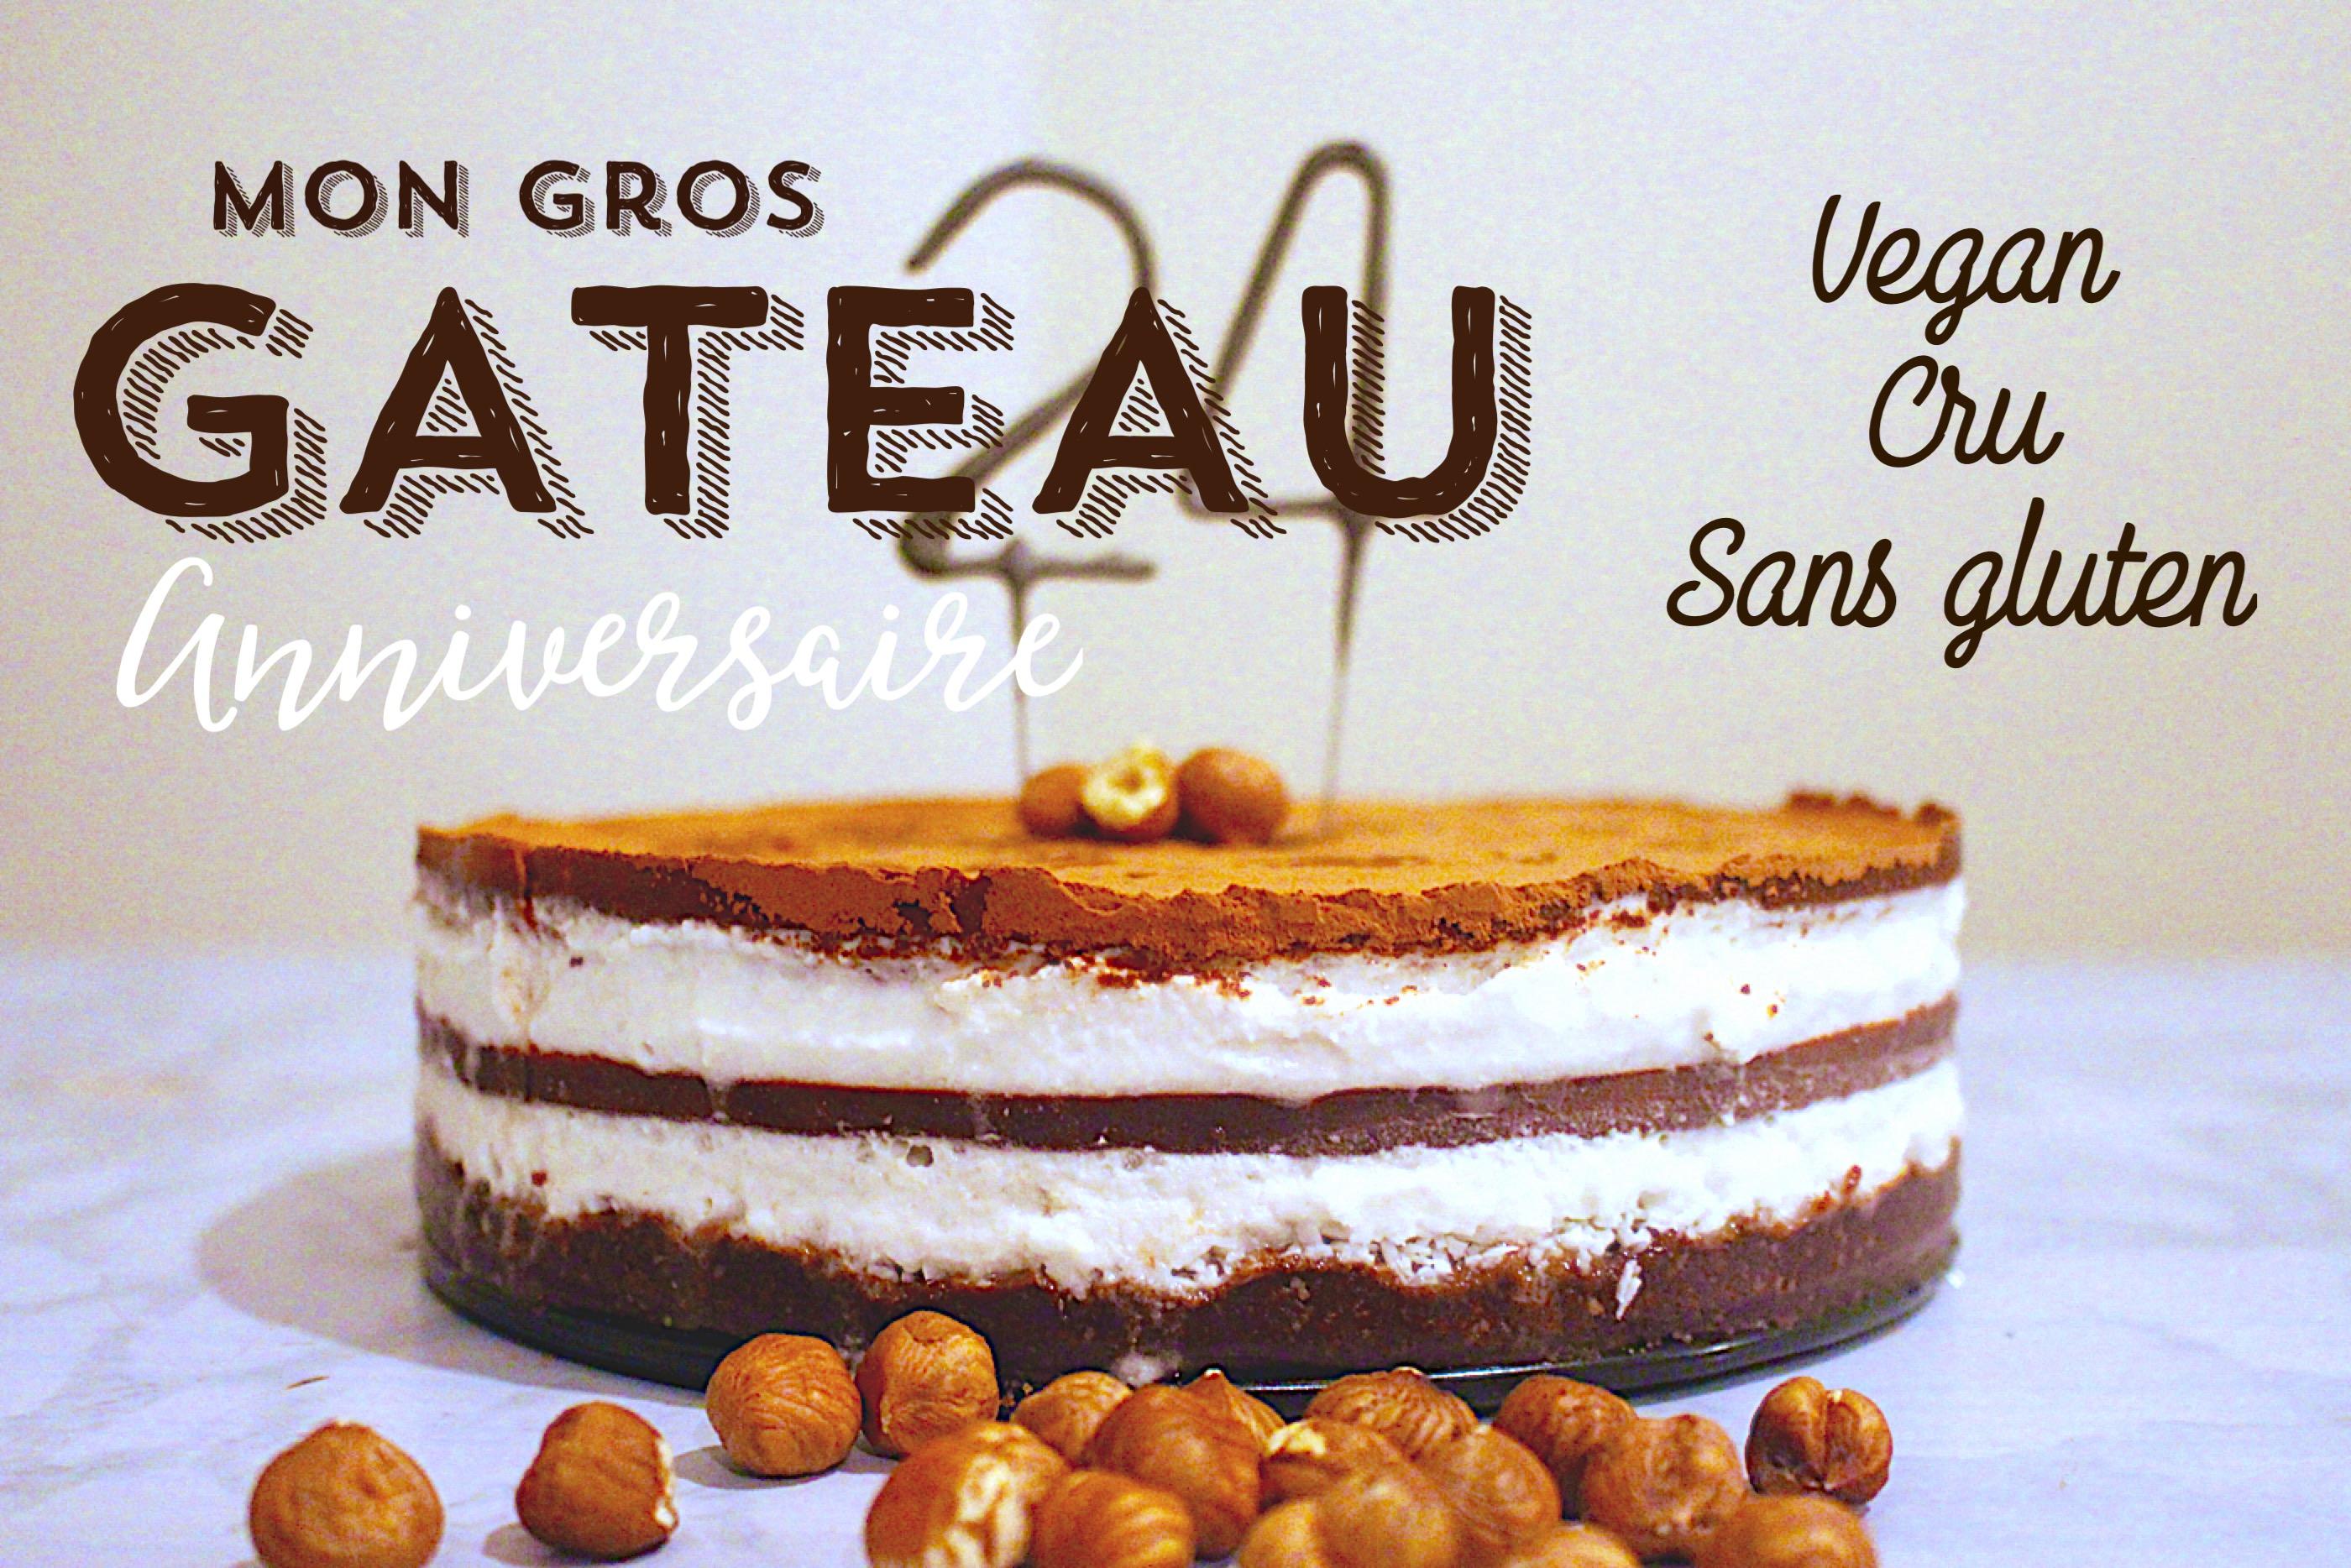 Gâteau d'anniversaire vegan, cru et sans gluten